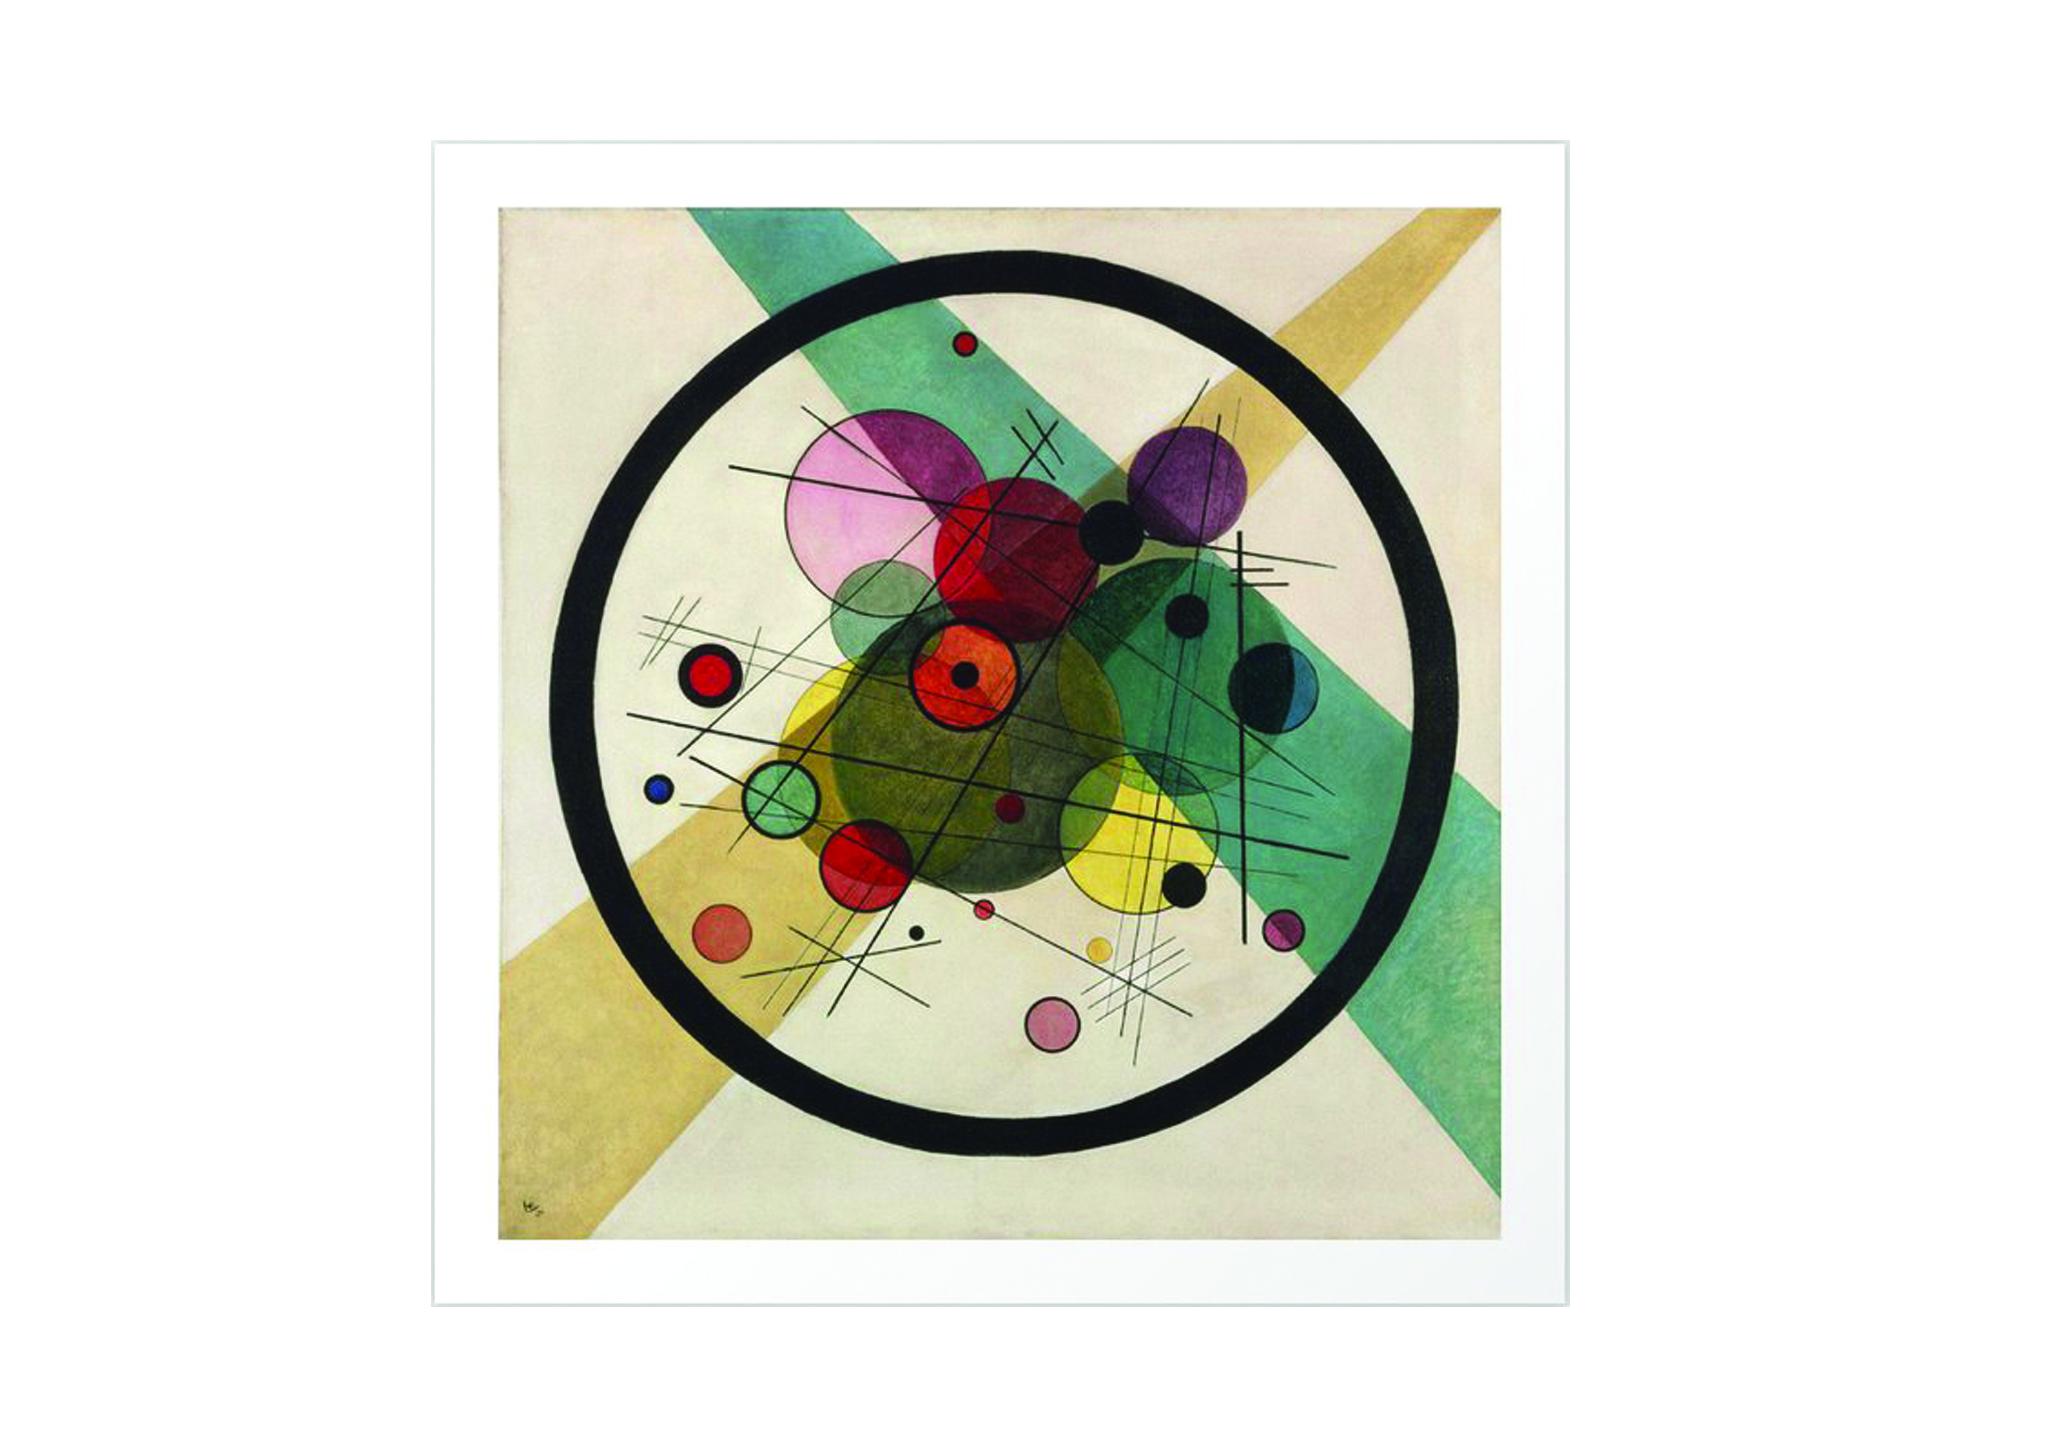 Vassili Kandinsky- Circles in a Circle